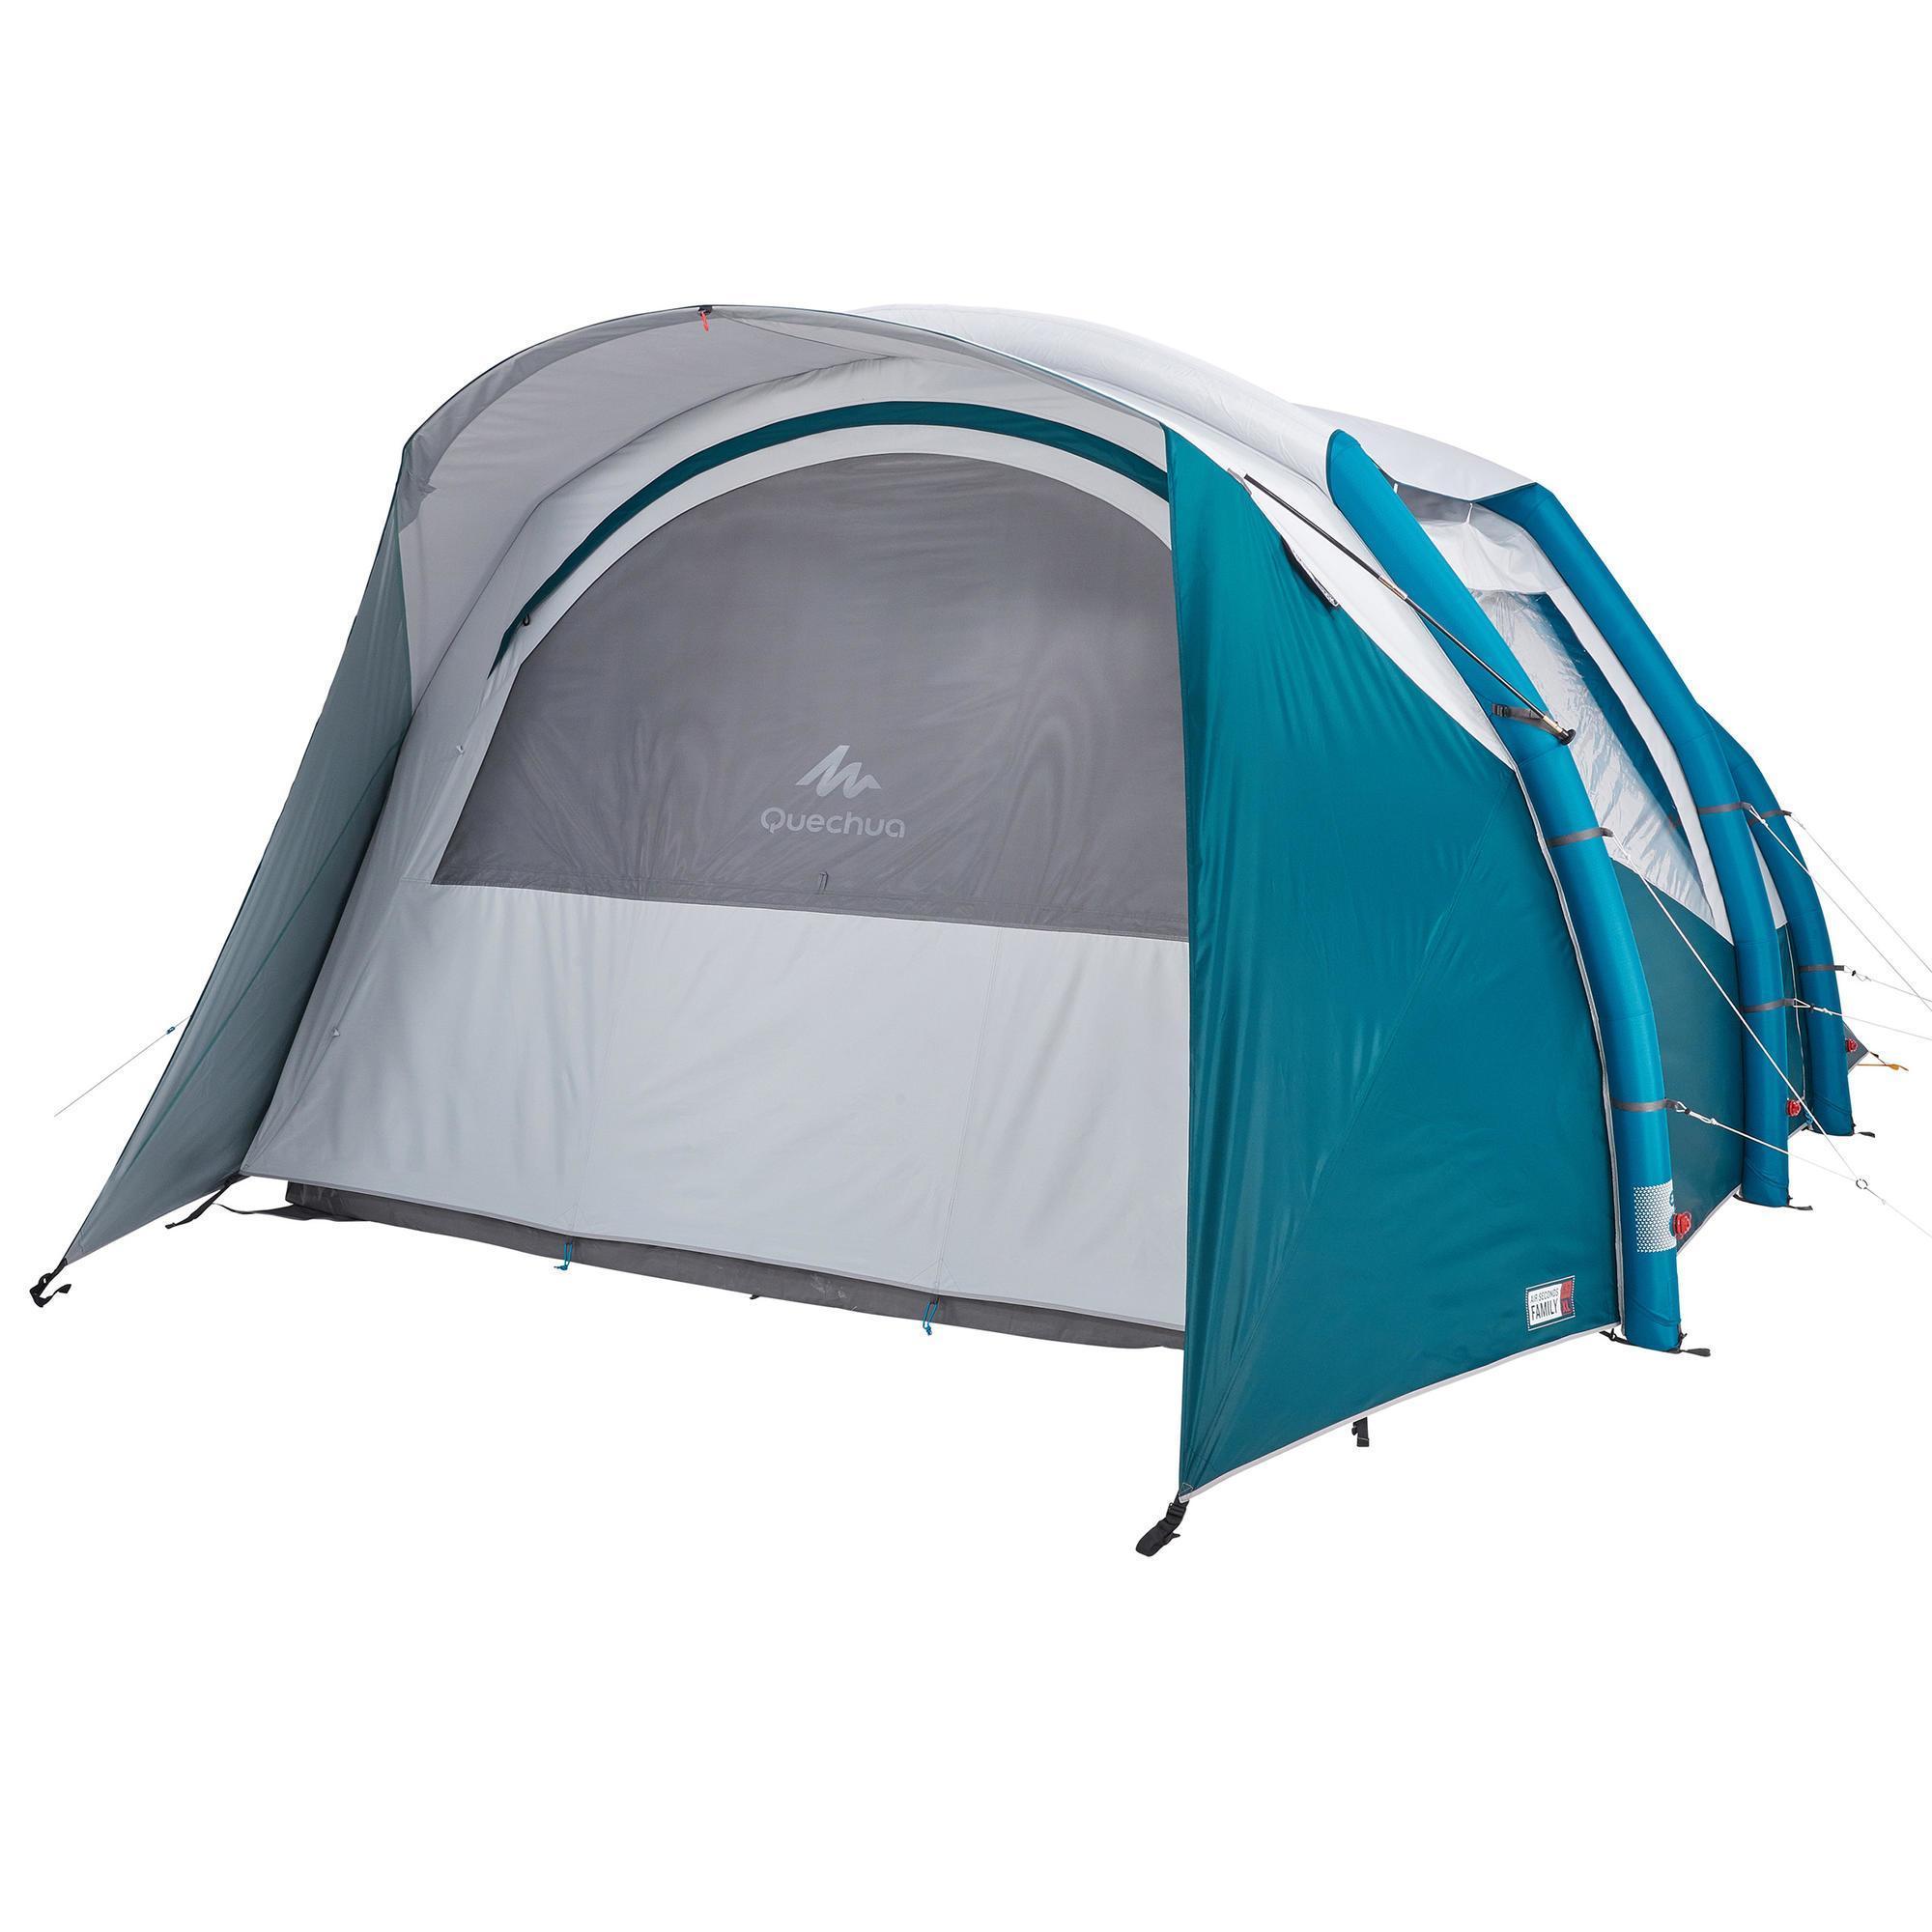 Quechua arpenaz 4.1 family camping tente4 Homme Extérieur Tente Easy Set Up